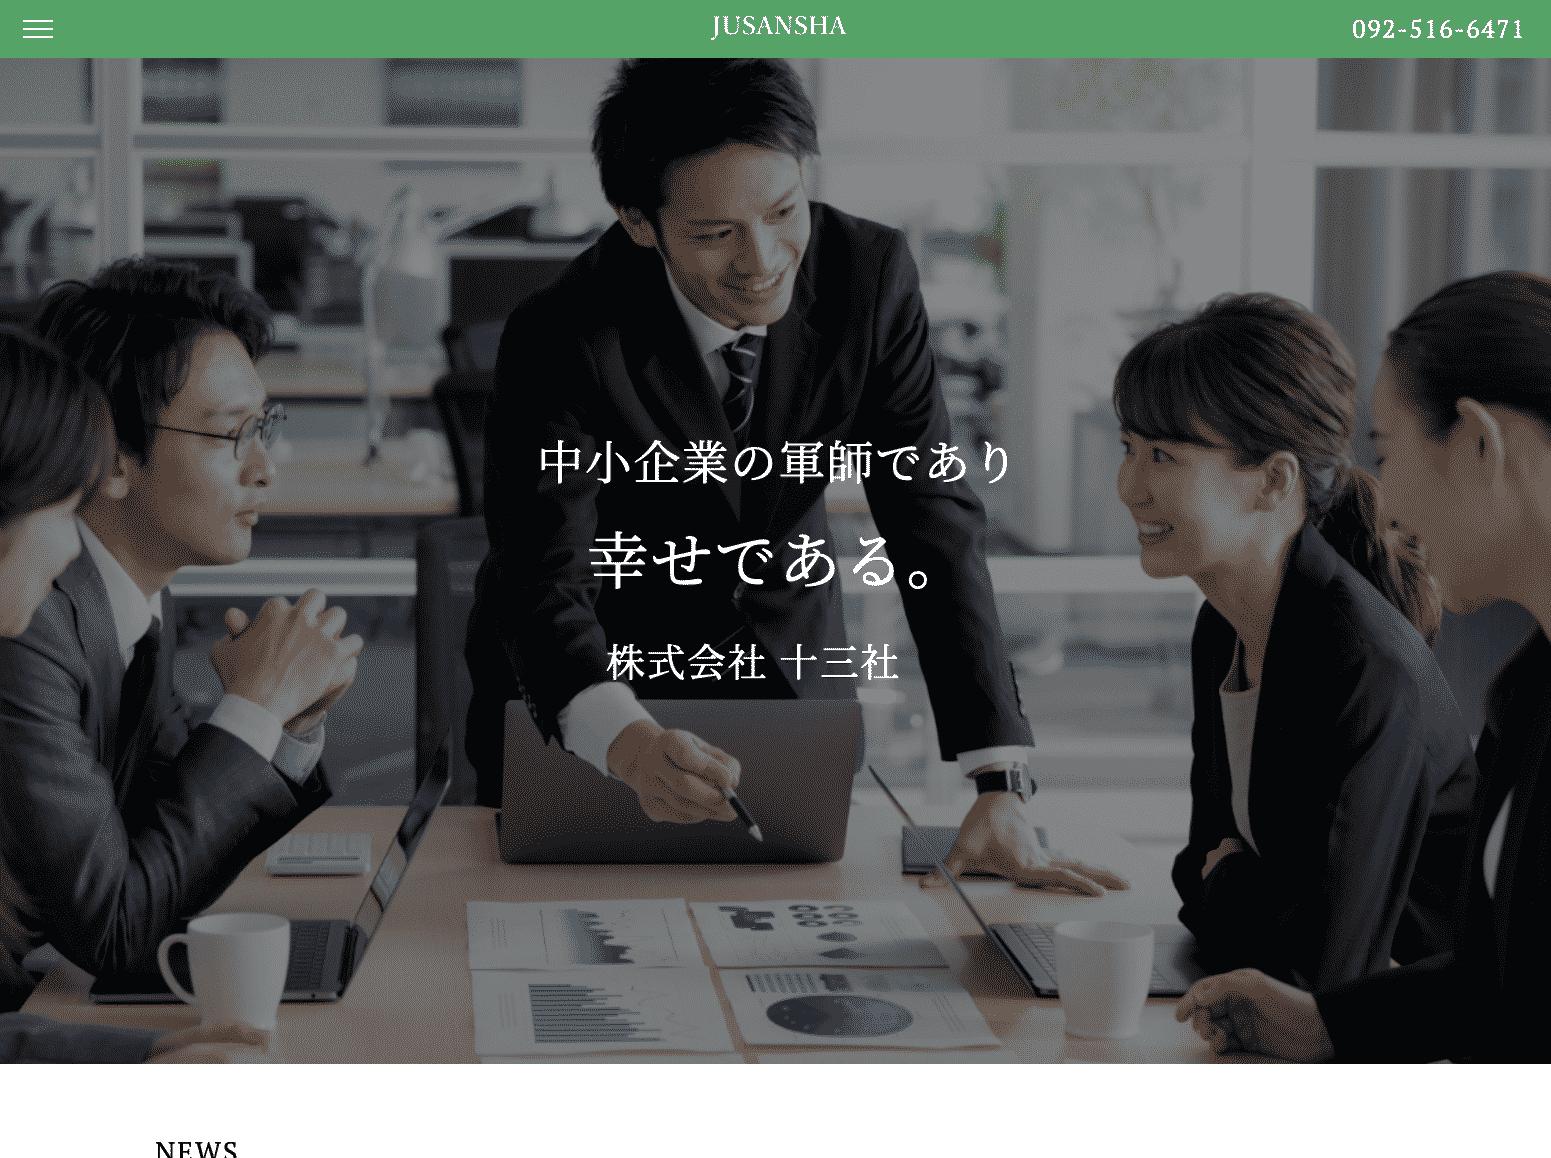 株式会社 十三社アイキャッチ